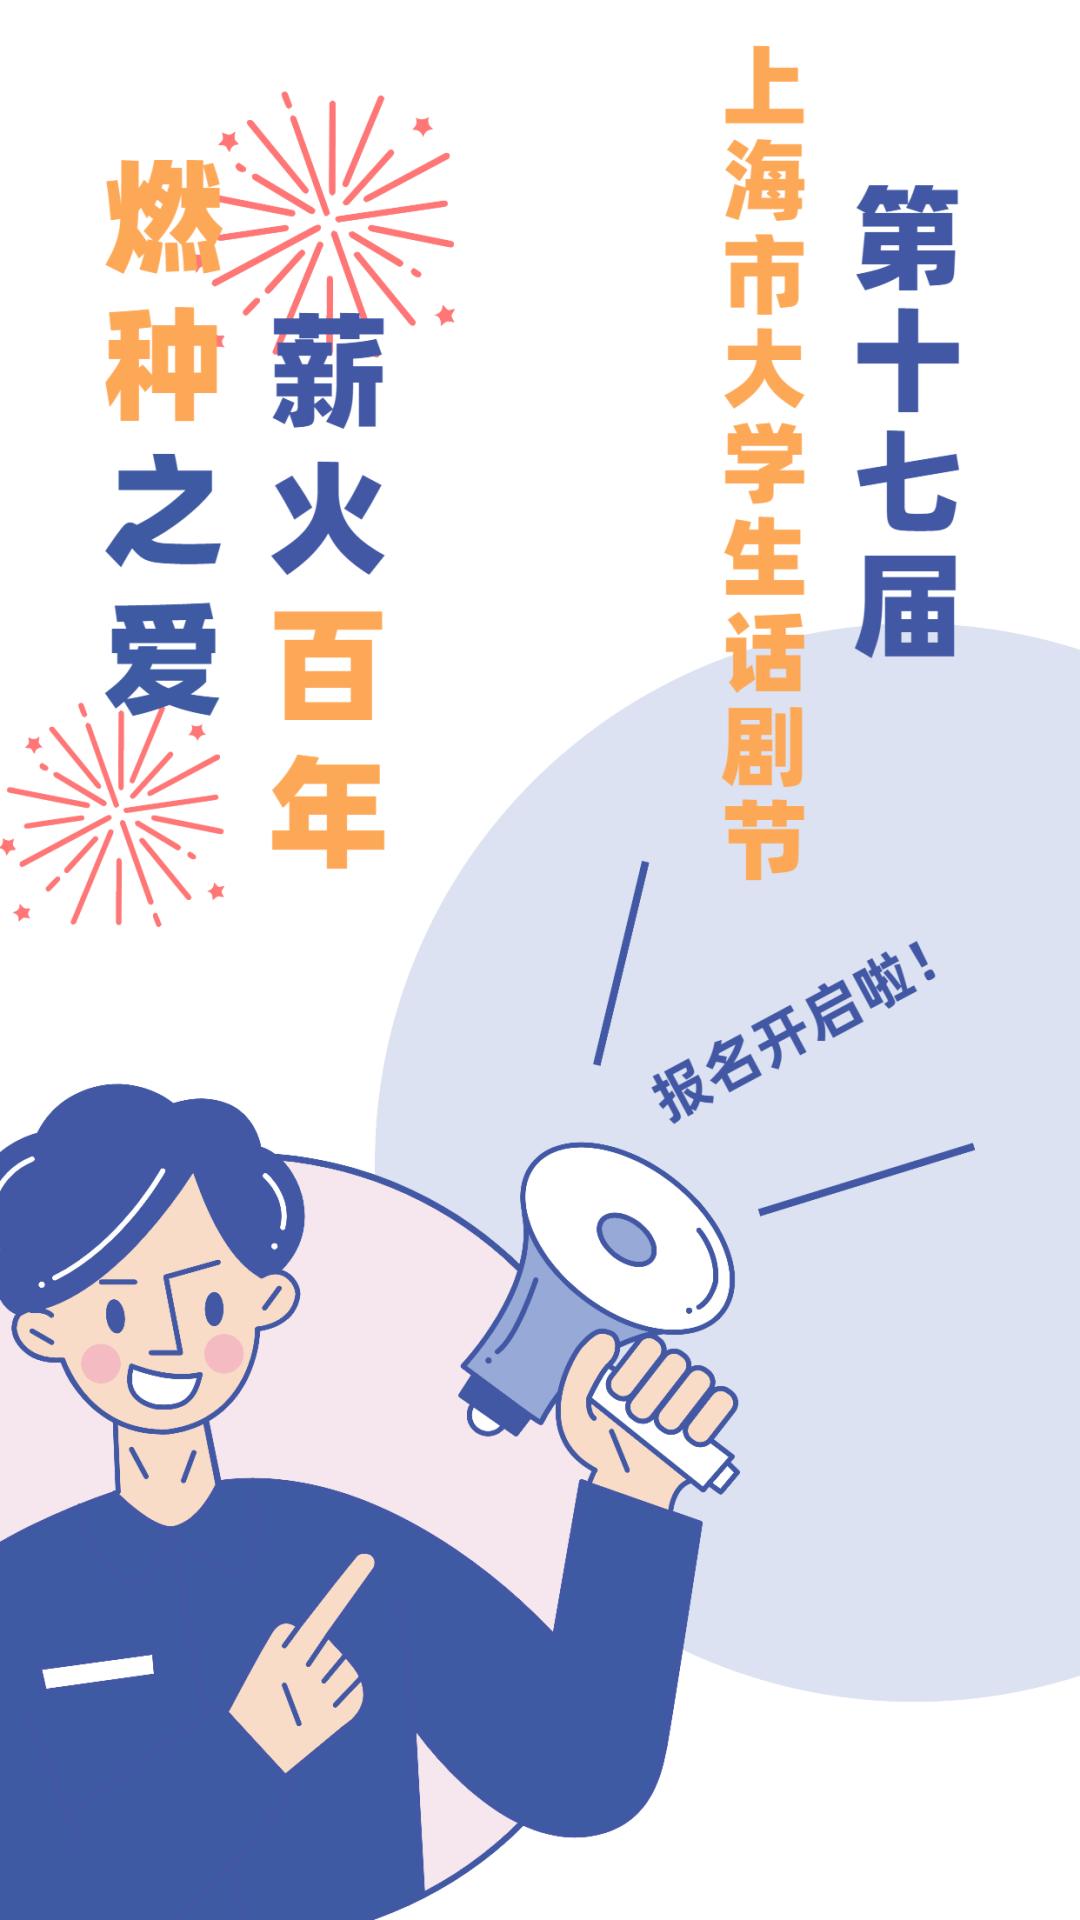 详情请关注上海学联微信公众号